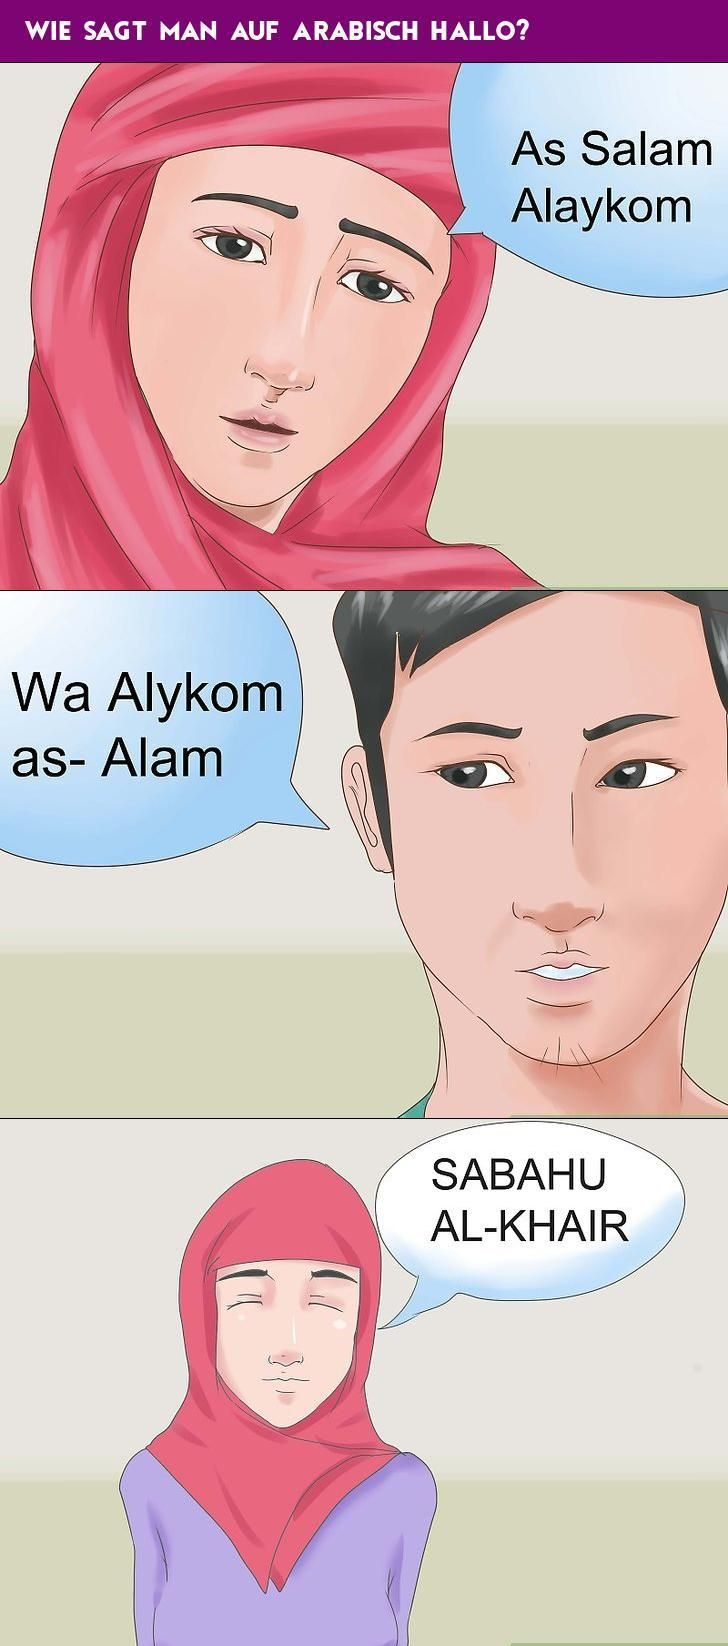 Wie Sagt Man Auf Arabisch Hallo - Wie Man